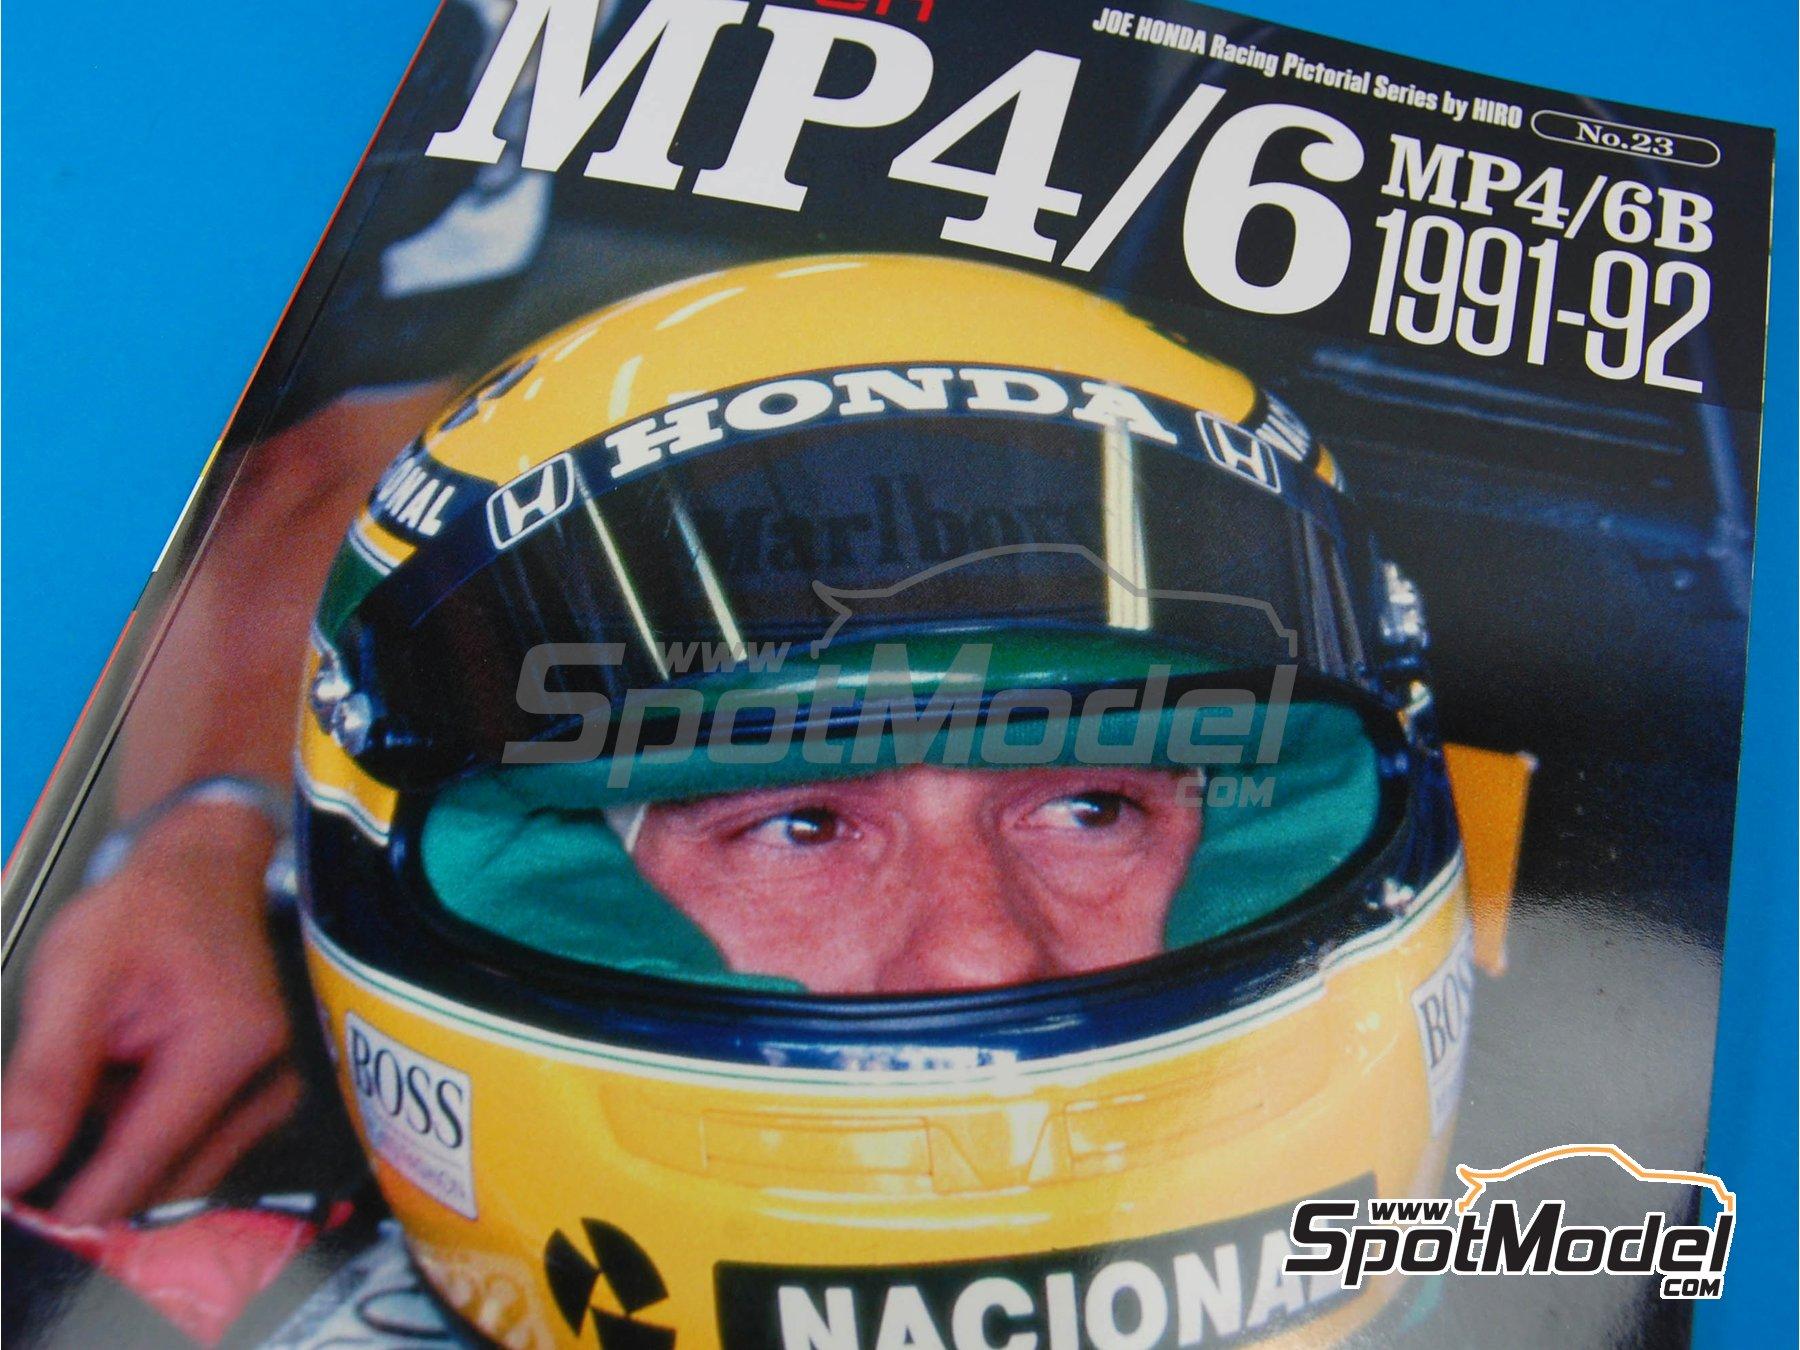 Image 2: JOE HONDA Racing Pictorial Series - Mc Laren MP4/6B - MP4/6 -  1991 y 1992 | Libro de referencia fabricado por Model Factory Hiro (ref.MFH-JH23)